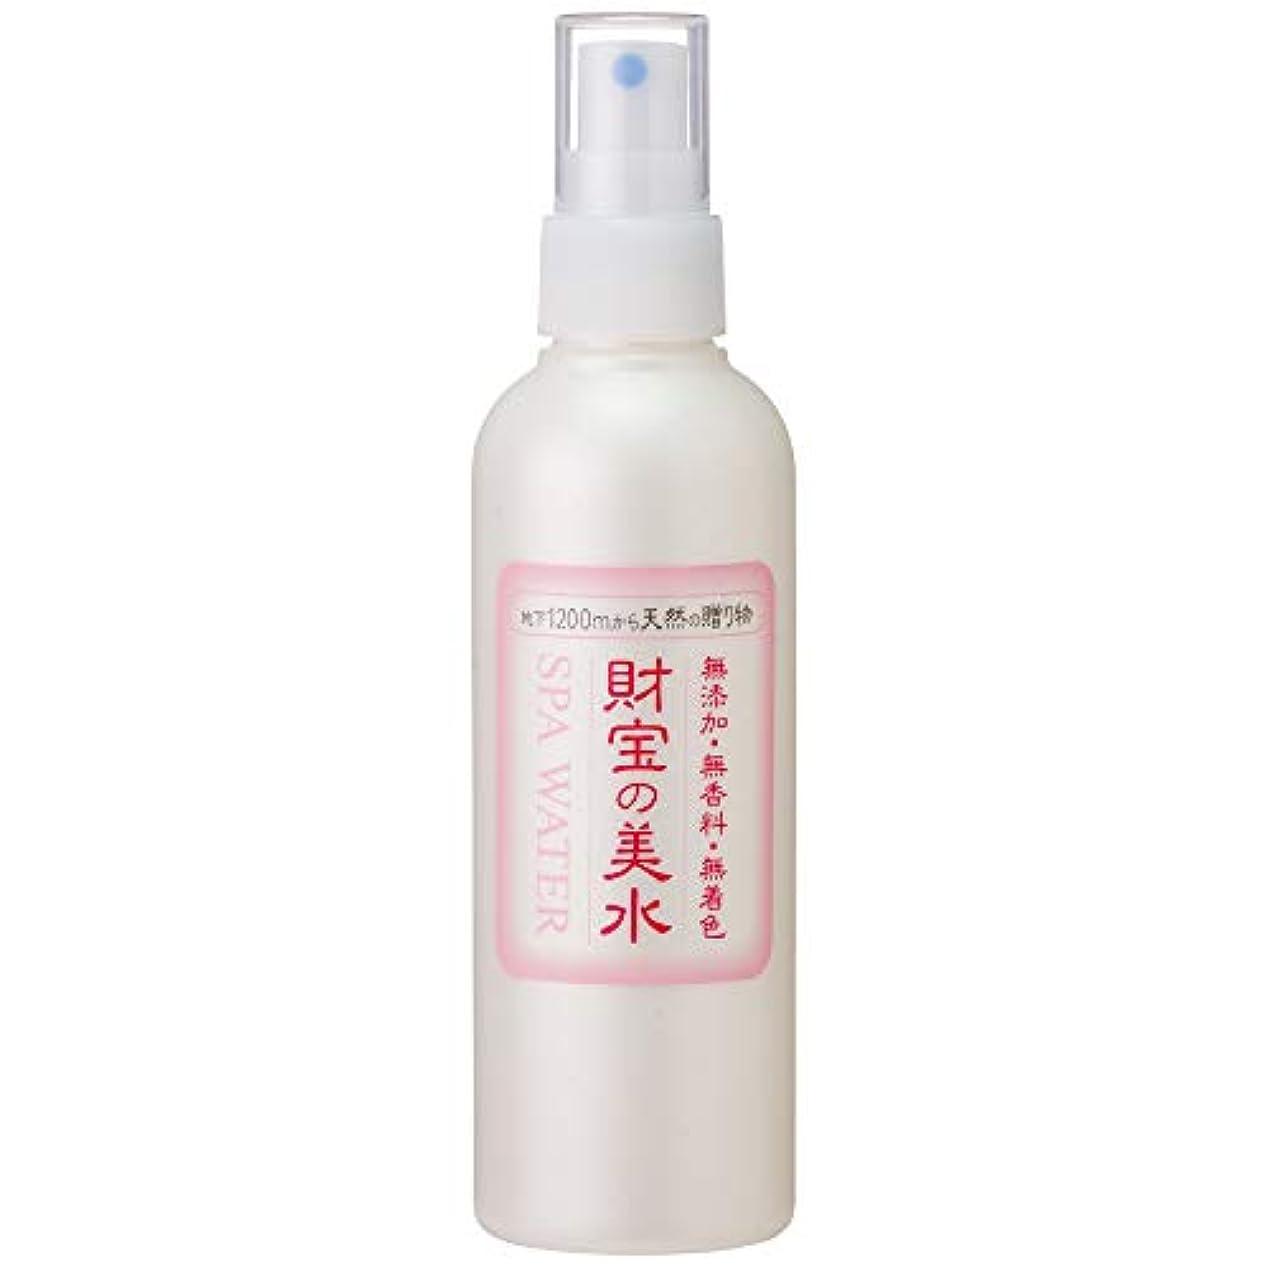 劇場シダ消毒剤財宝 温泉 美水 ミスト 化粧水 200ml